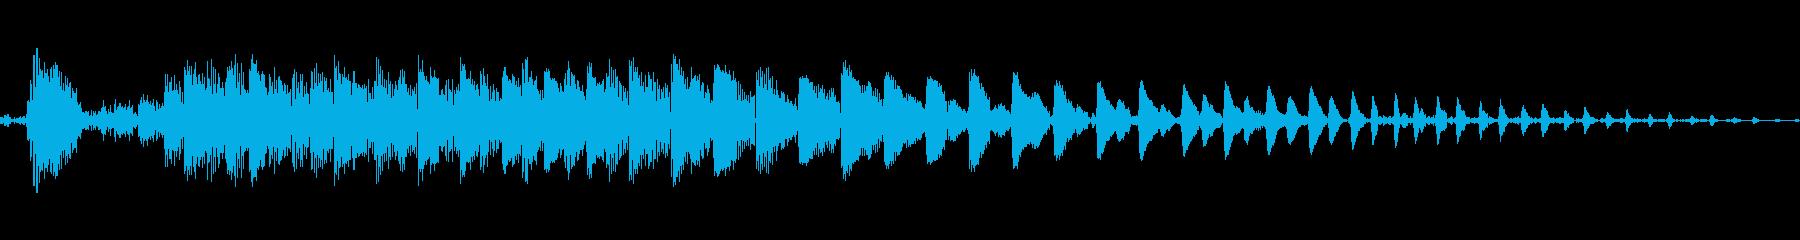 ポヨン!コミカルで可愛いジャンプ音!04の再生済みの波形